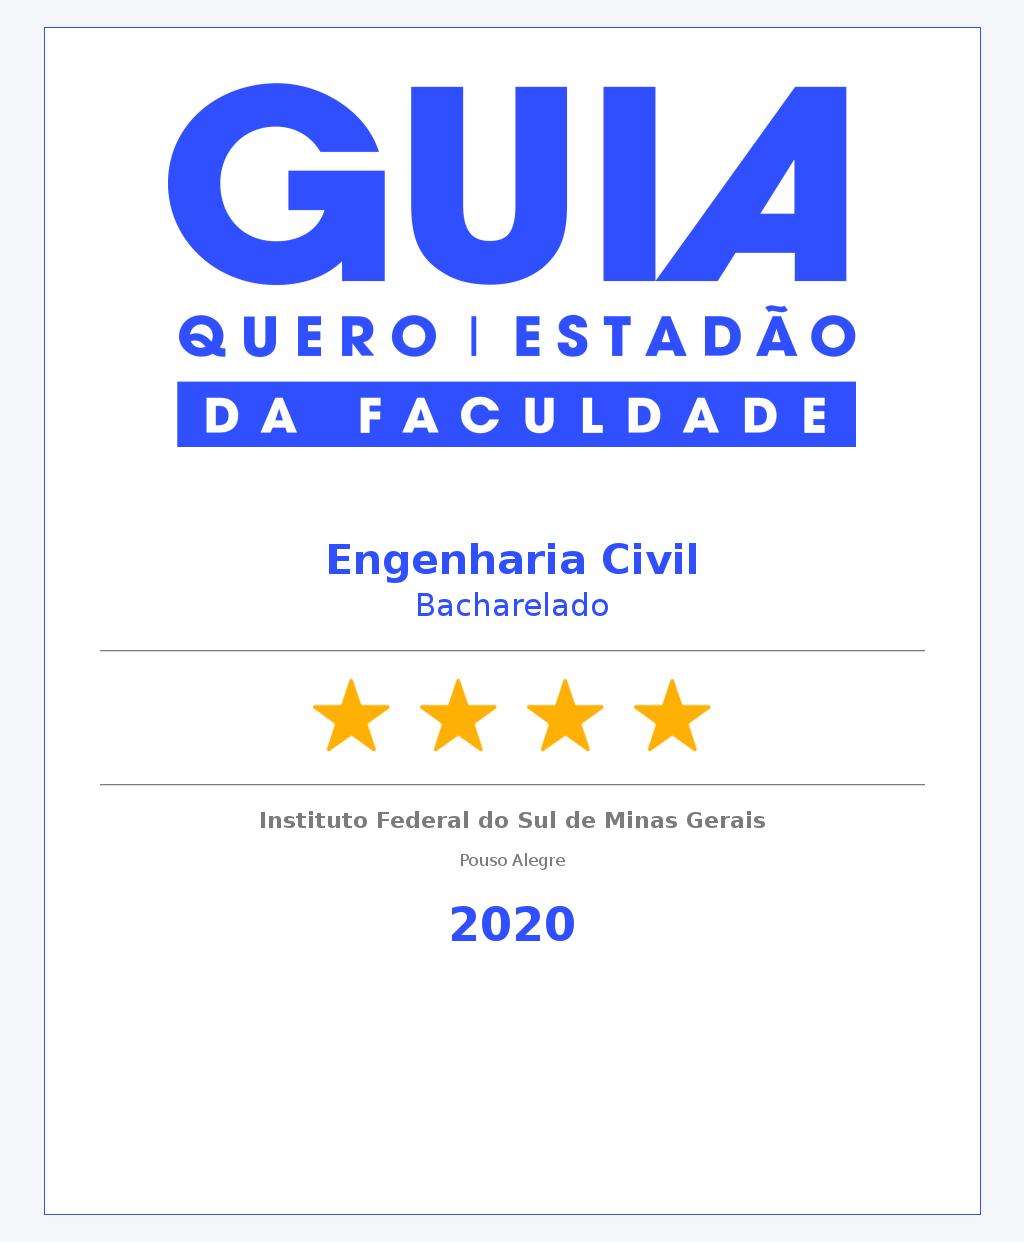 Engenharia Civil Bacharelado Pouso Alegre 4 Estrelas